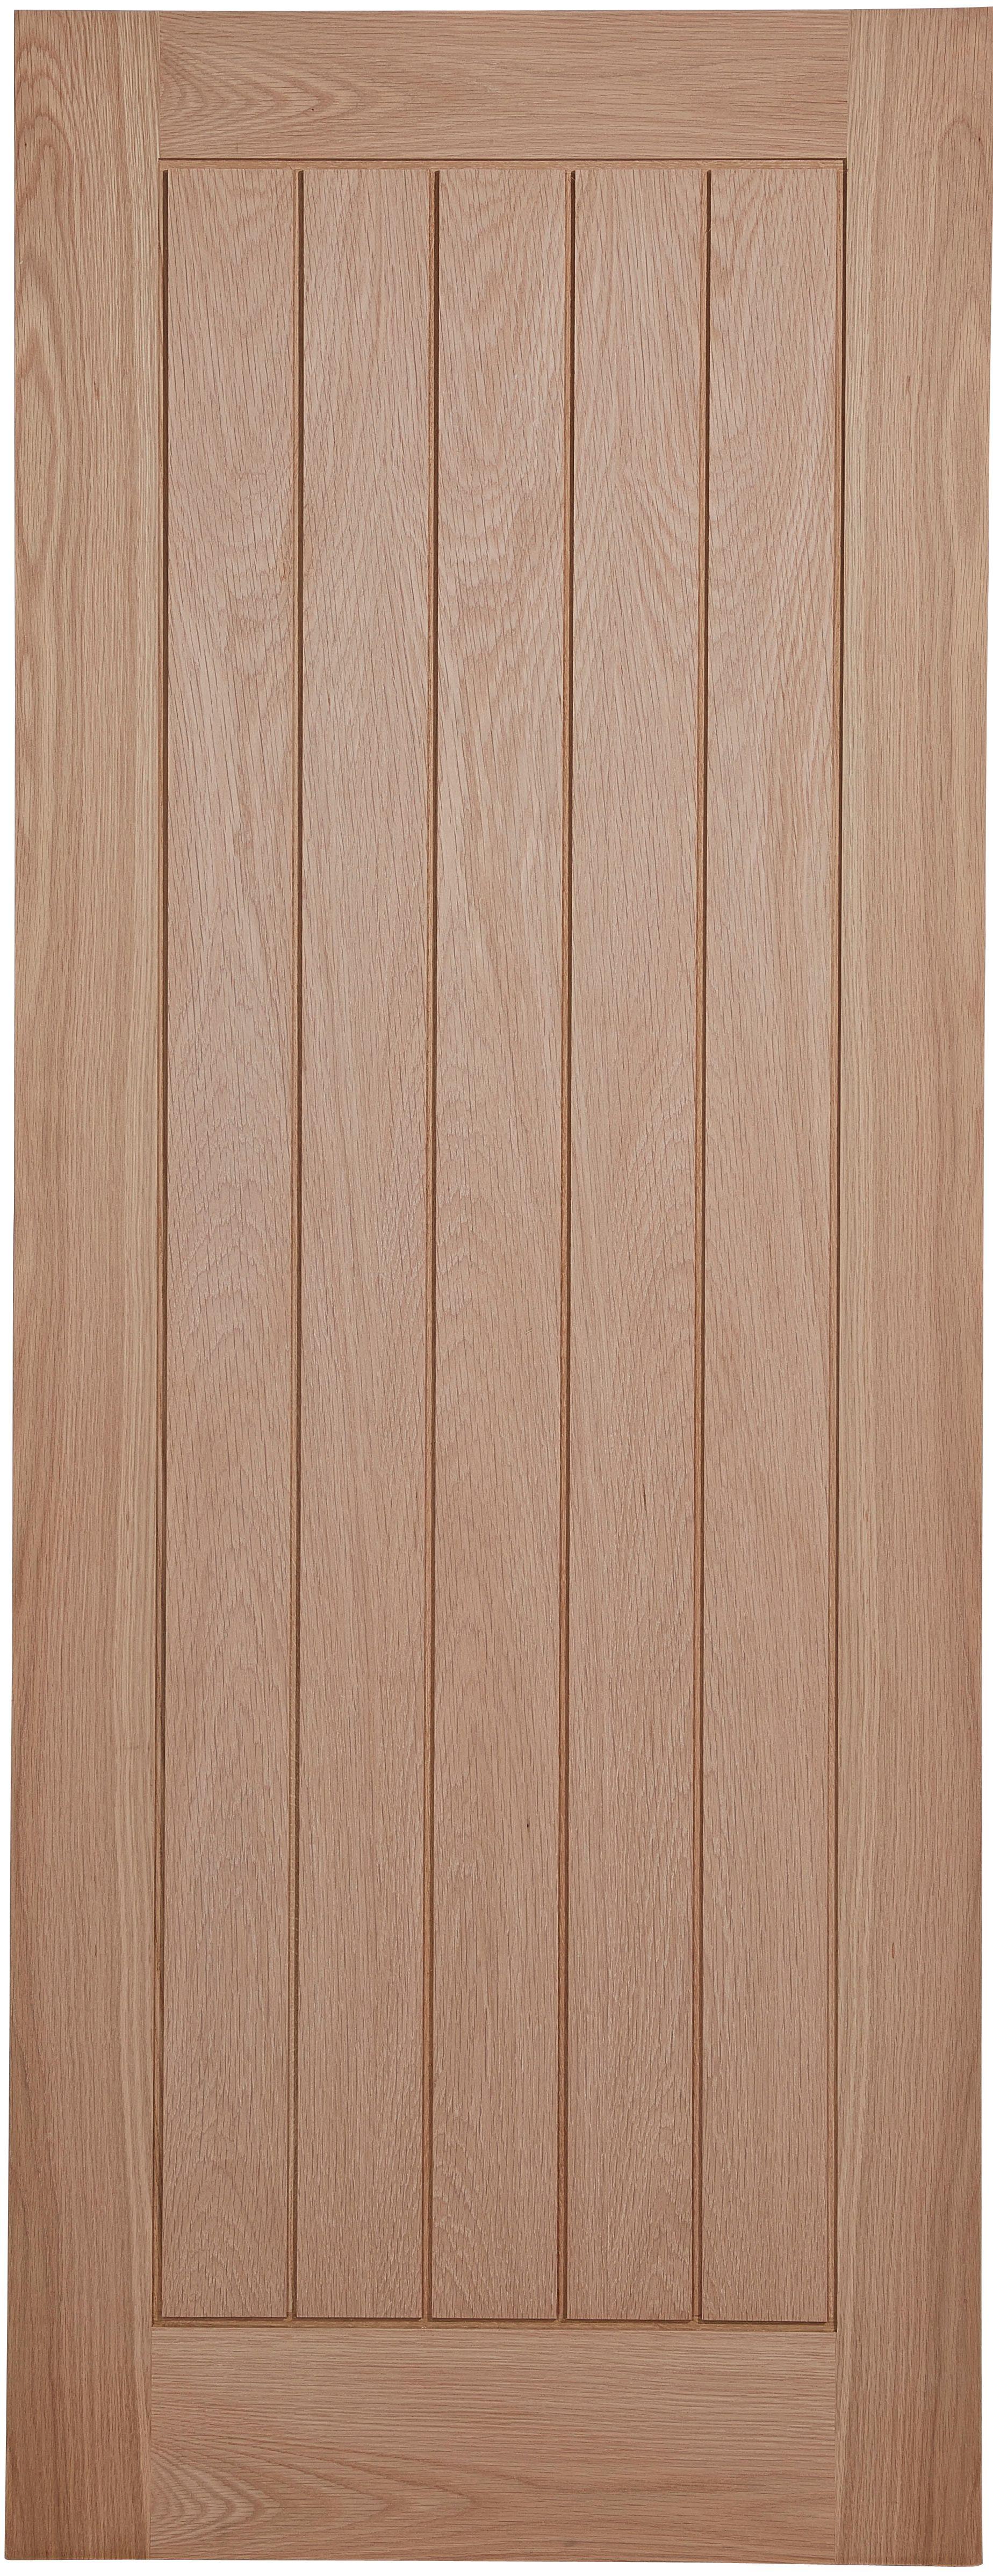 Cottage Panel Oak Veneer Unglazed Internal Fire Door H